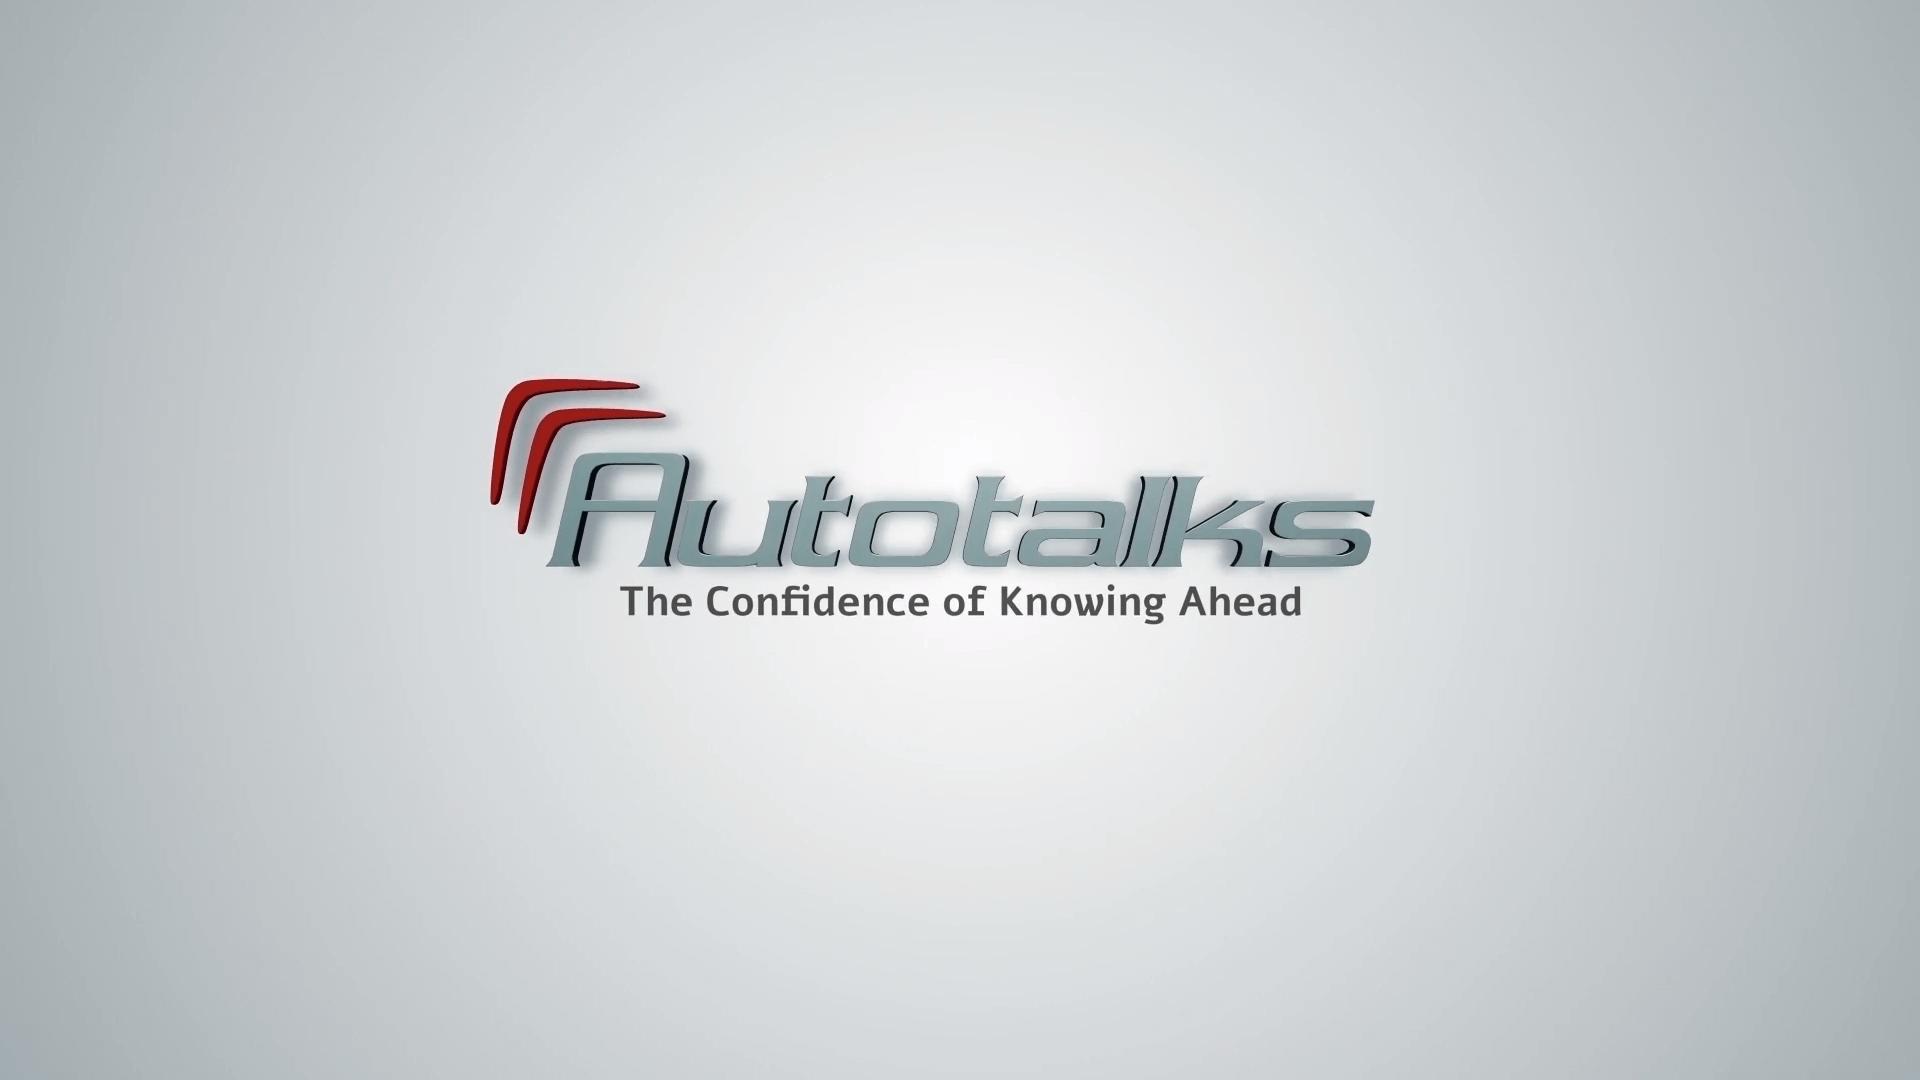 סרט מוצר לחברת: Auto Talk